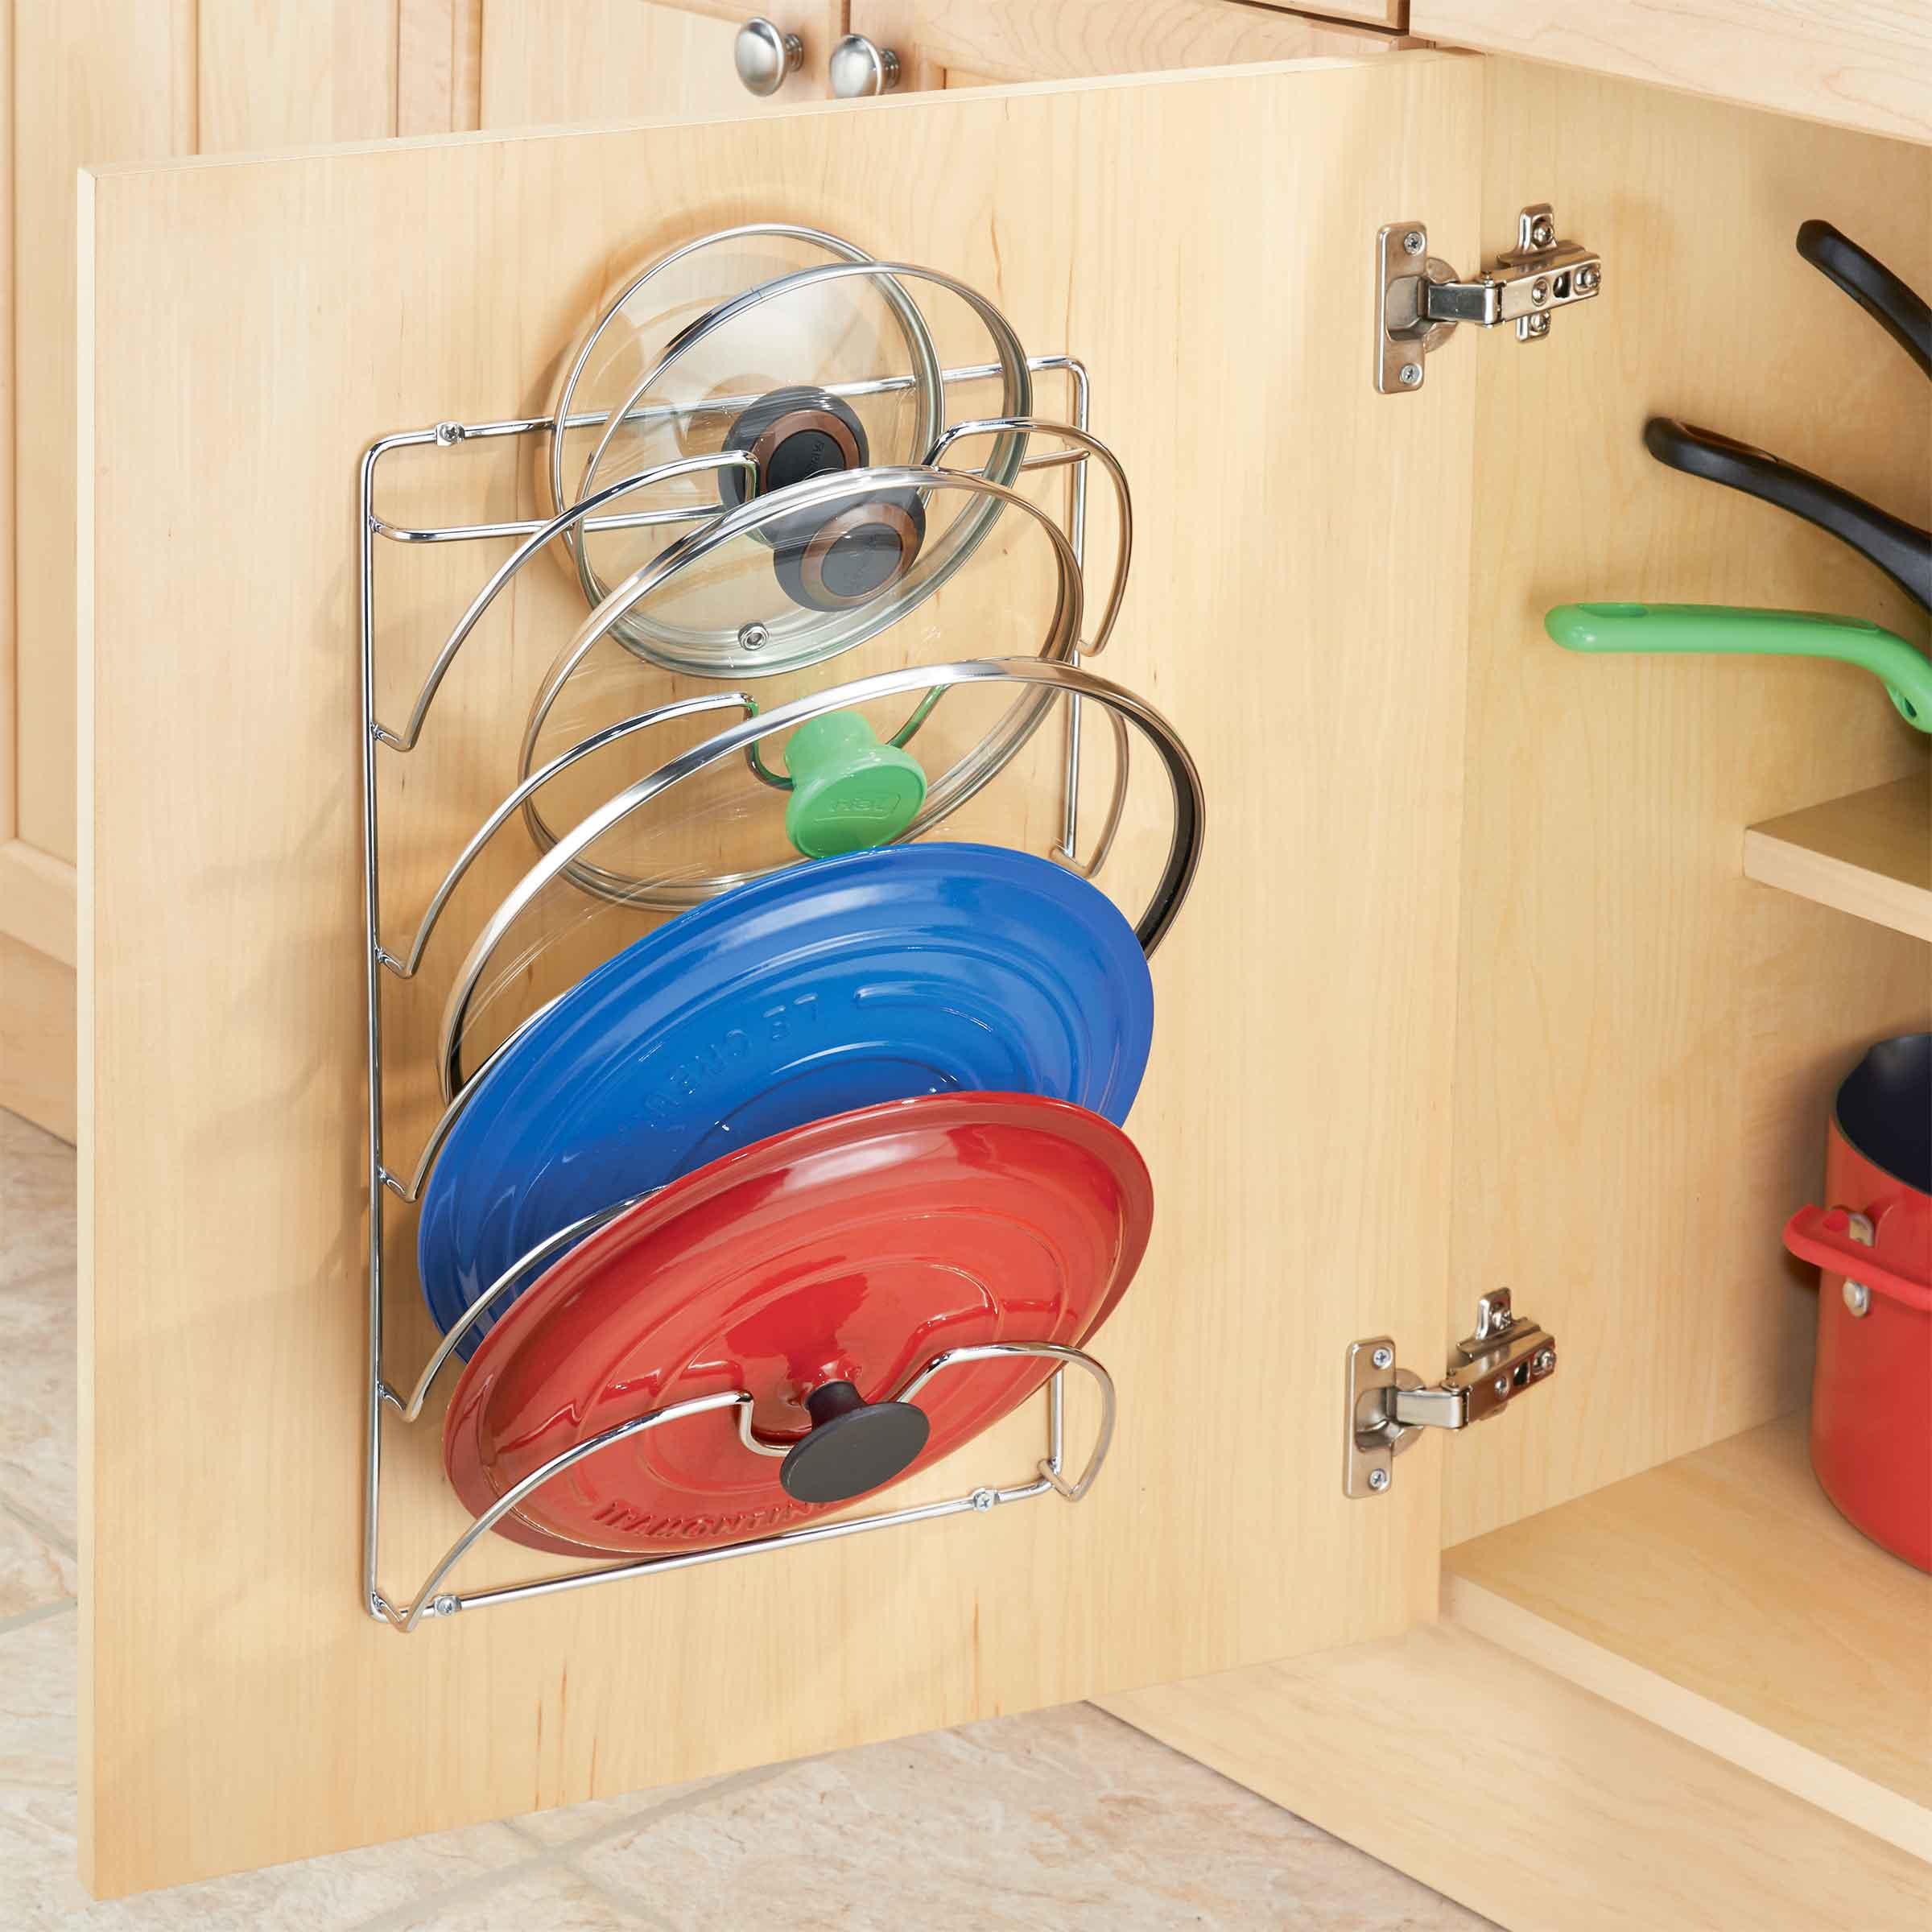 Système de rangement mural en métal pour couvercles de casseroles